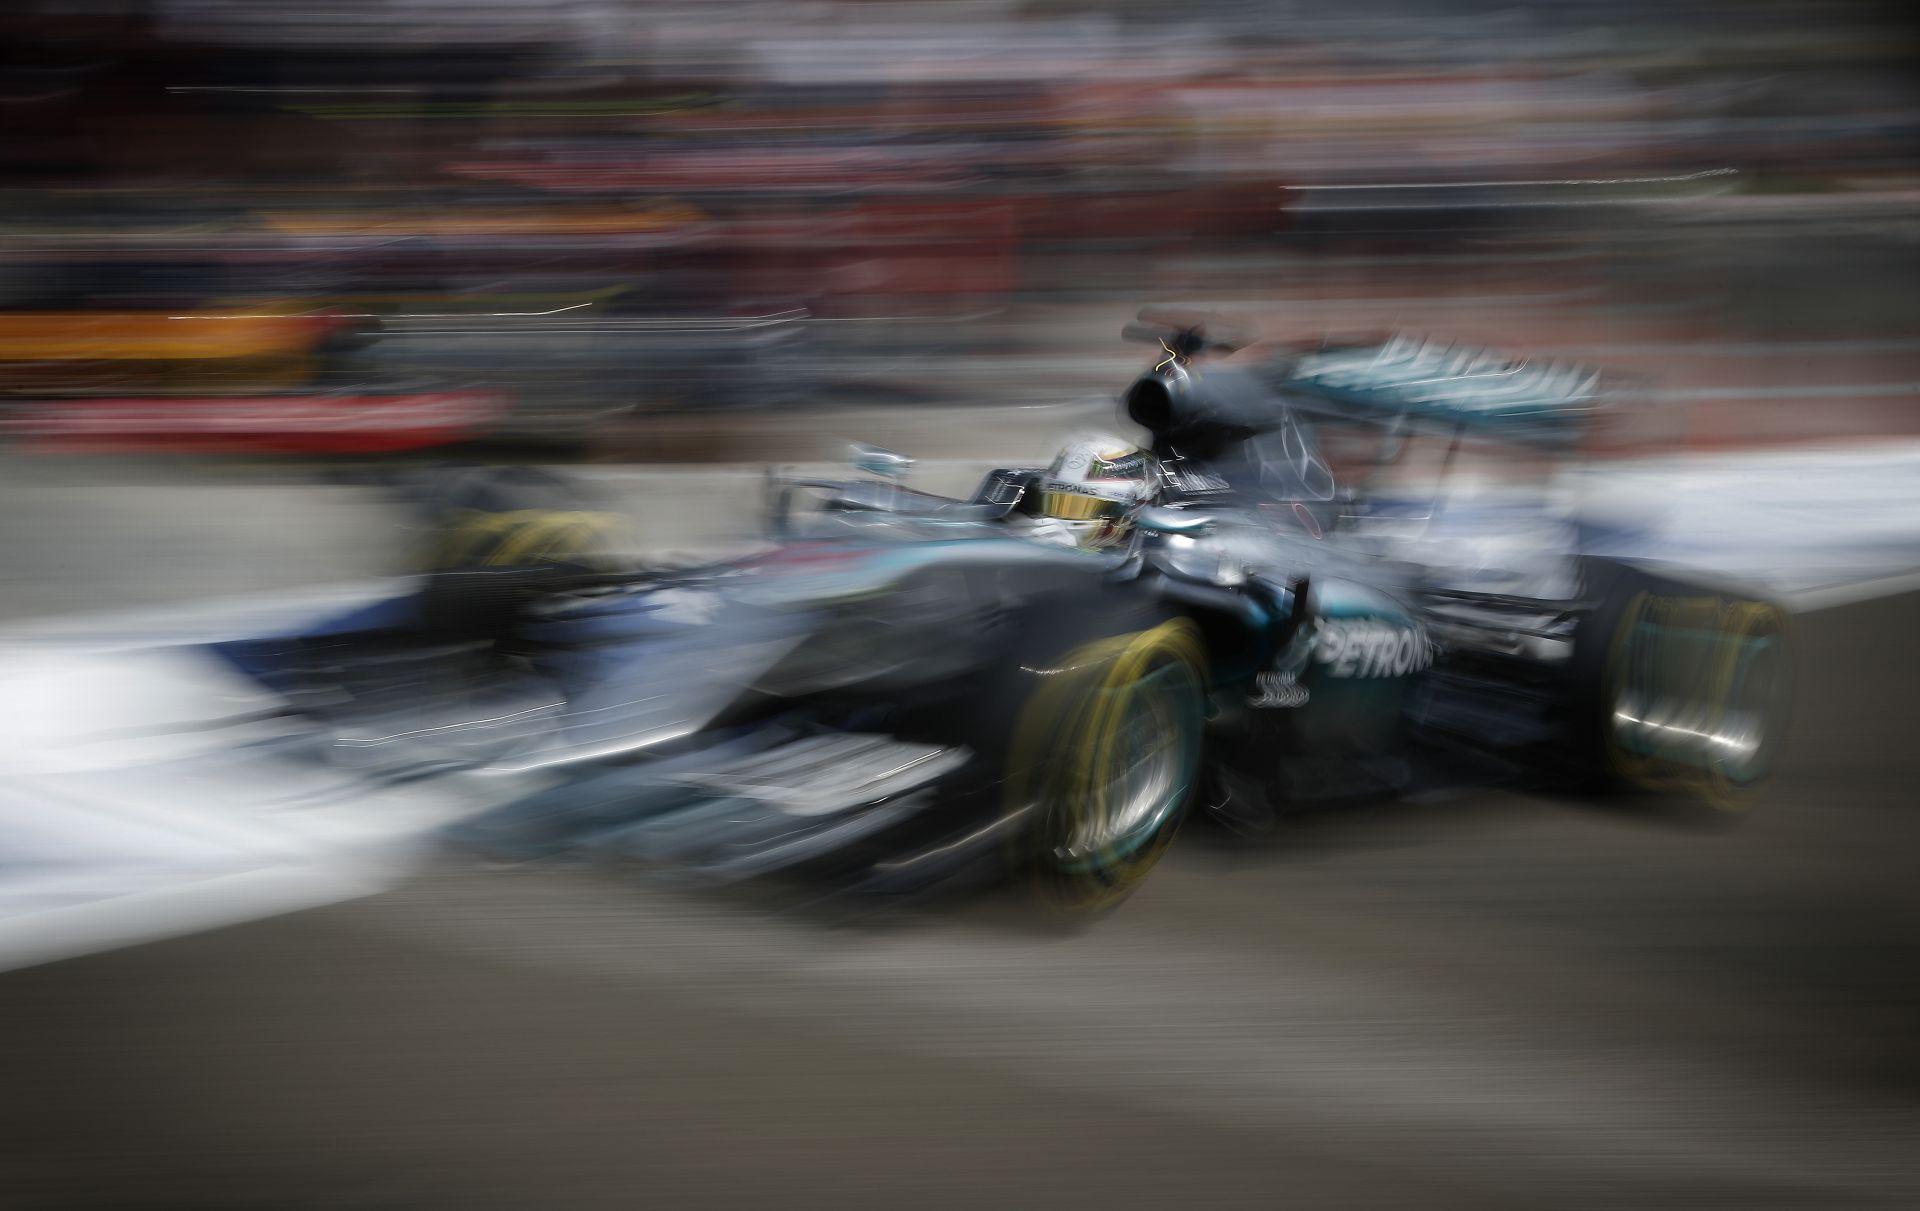 A Mercedes Monzában lépéselőnyben van az ügyfeleihez képest!